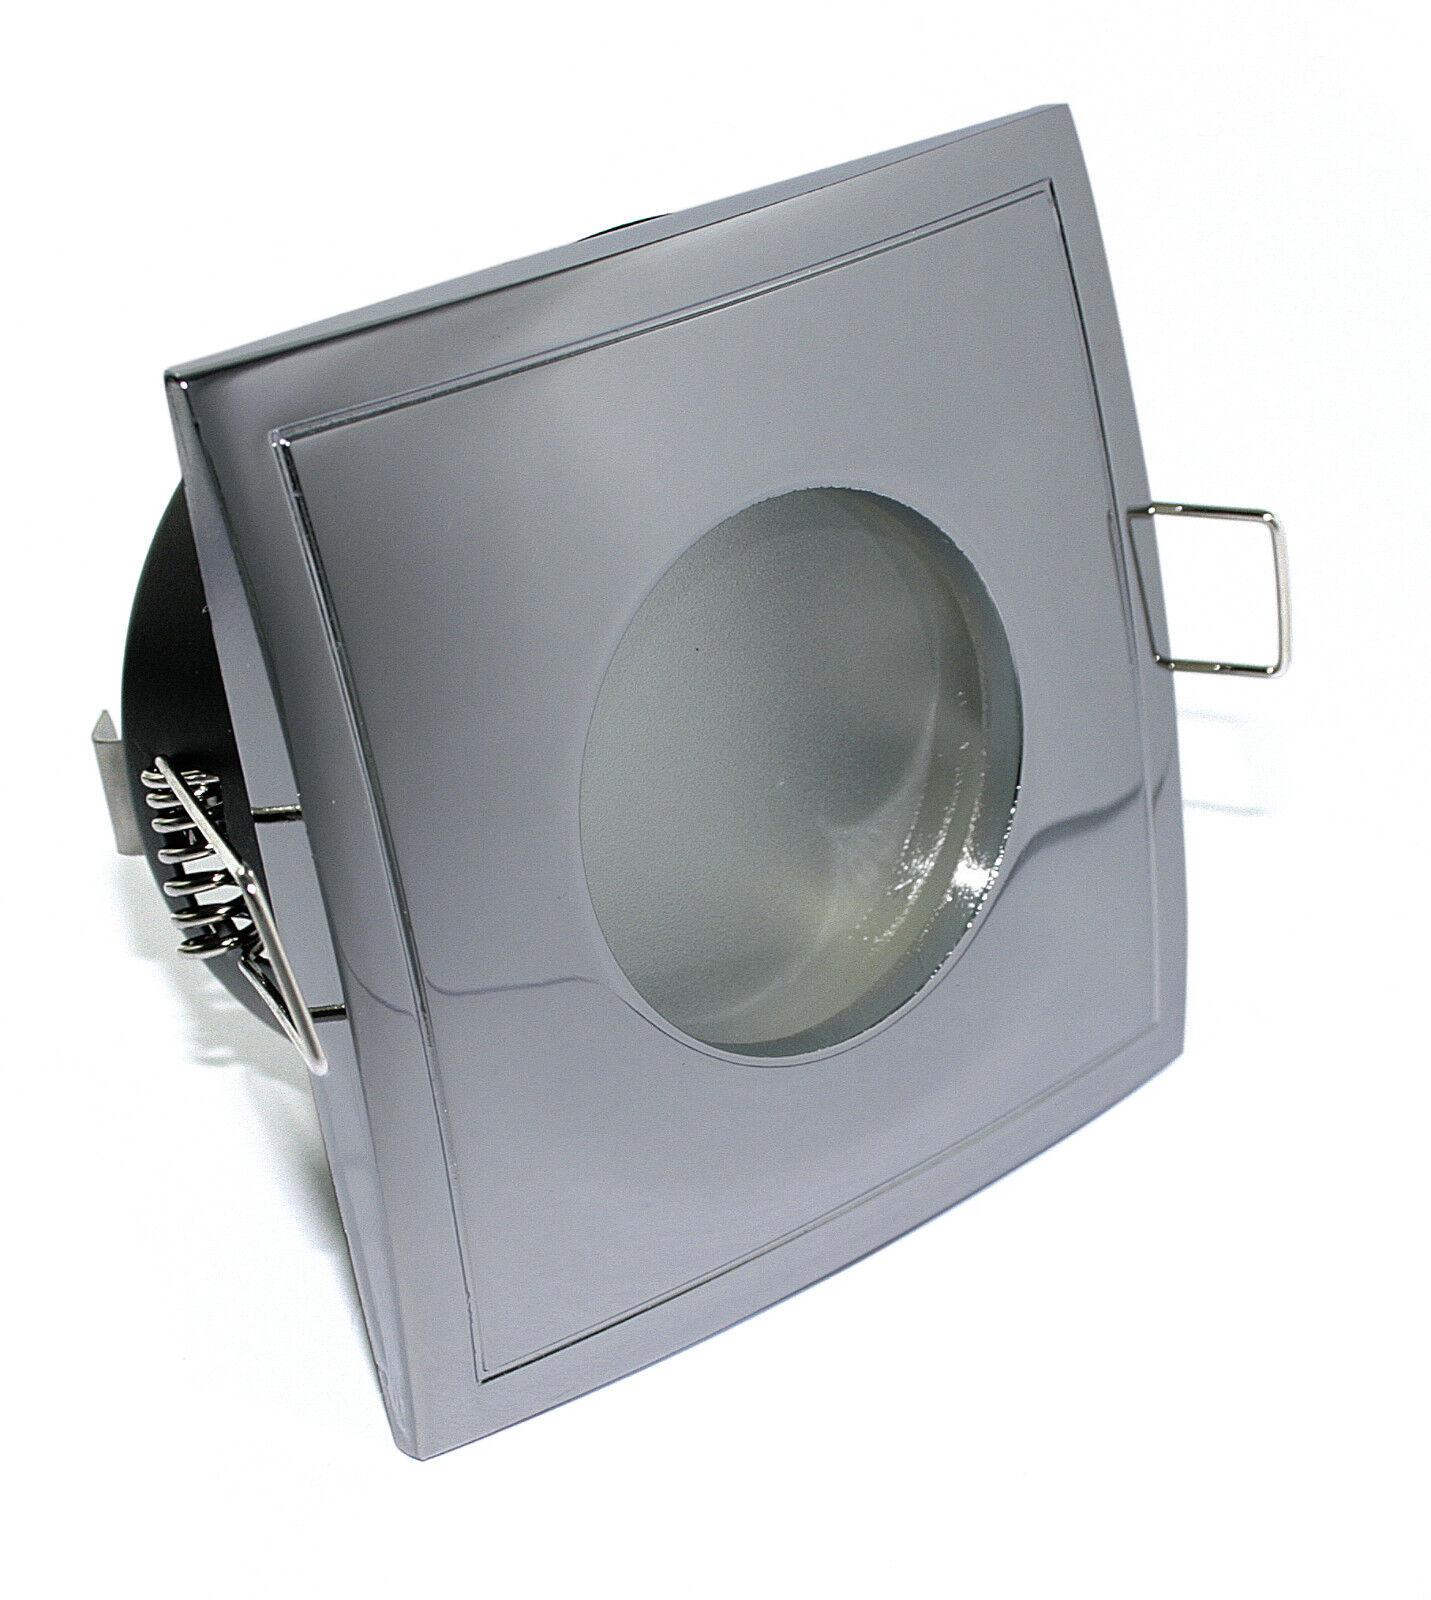 Einbaustrahler IP65 230V Bad COB-LED 3W=3W Außen Dusche Nassraum 5-15x K92146-S